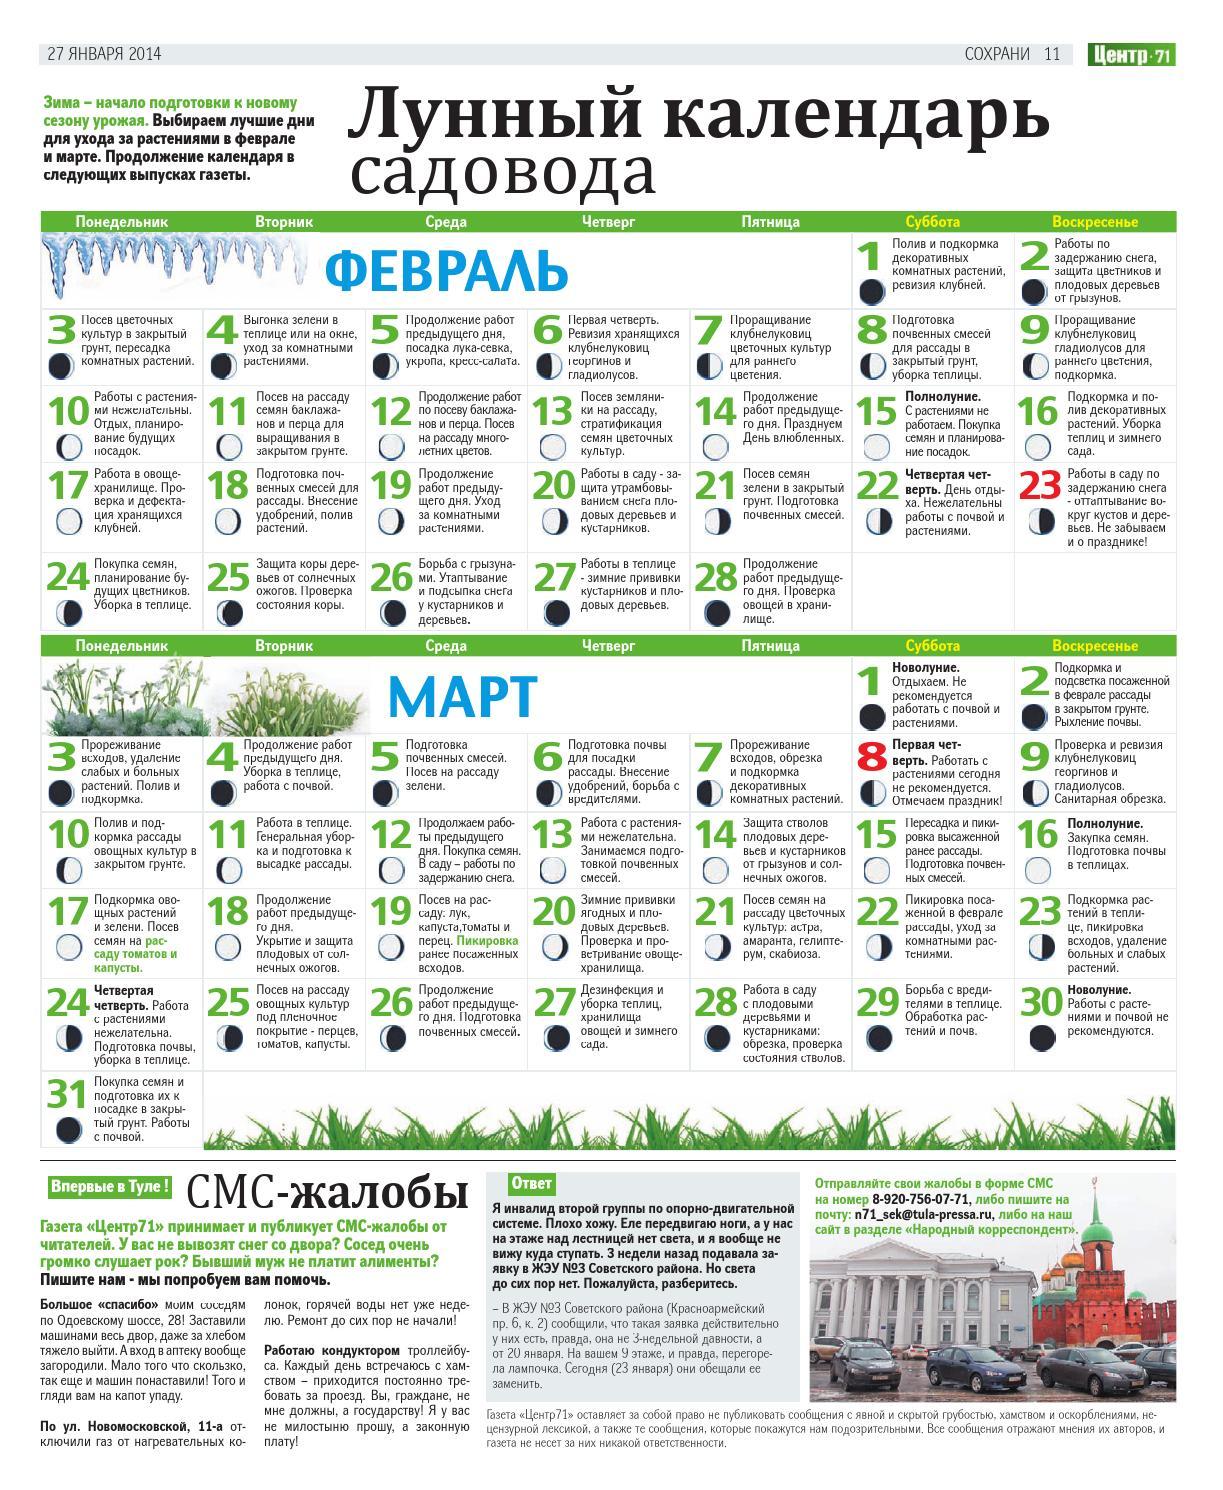 Лунный календарь по выращиванию конопли места дикорастущей конопли